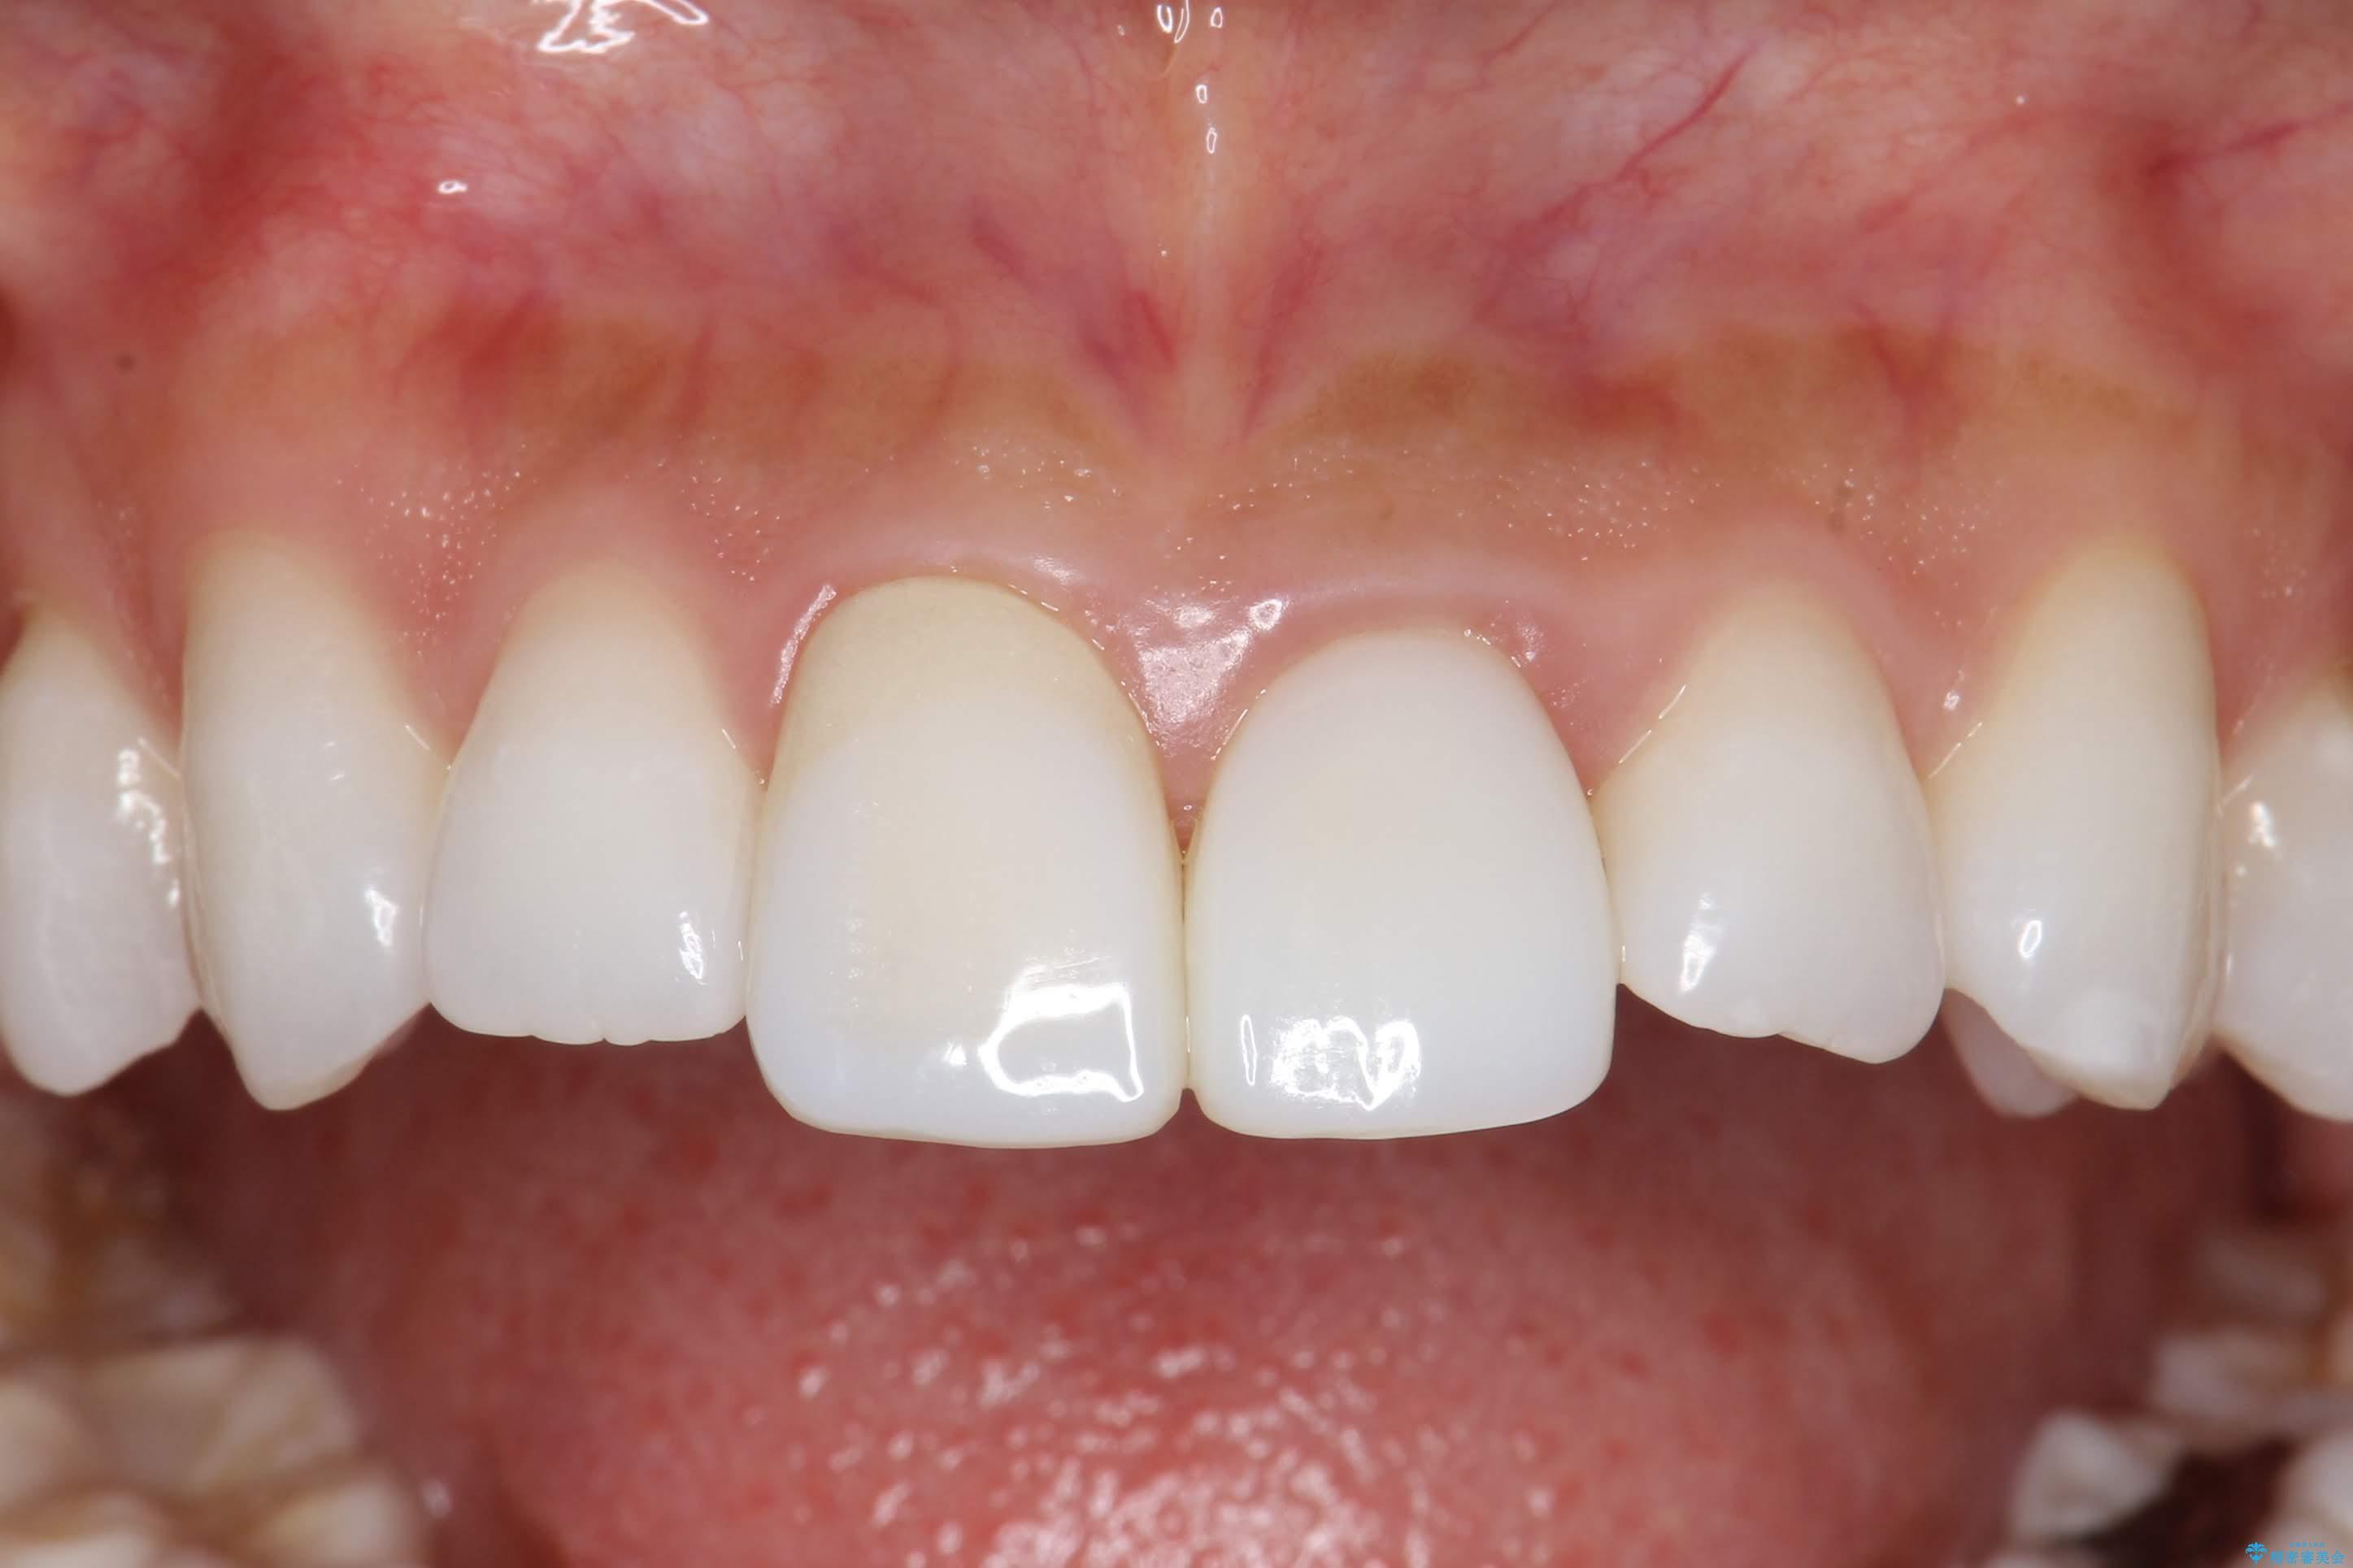 20代女性 前歯の長さを揃える 治療例(ビフォーアフター) 治療前